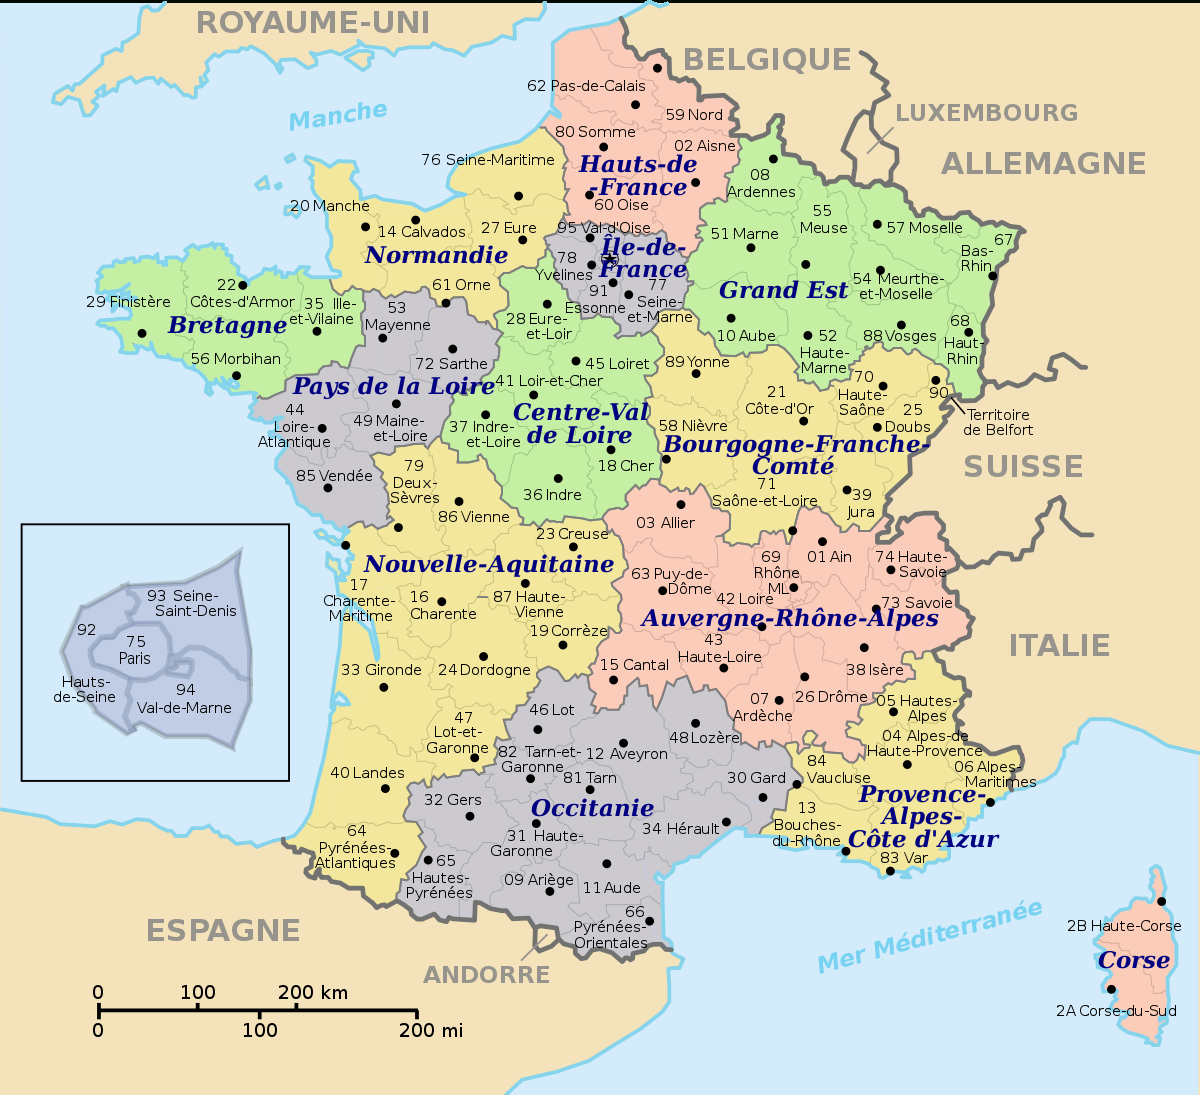 Numérotation Des Départements Français — Wikipédia intérieur Les Nouvelles Régions De France Et Leurs Départements